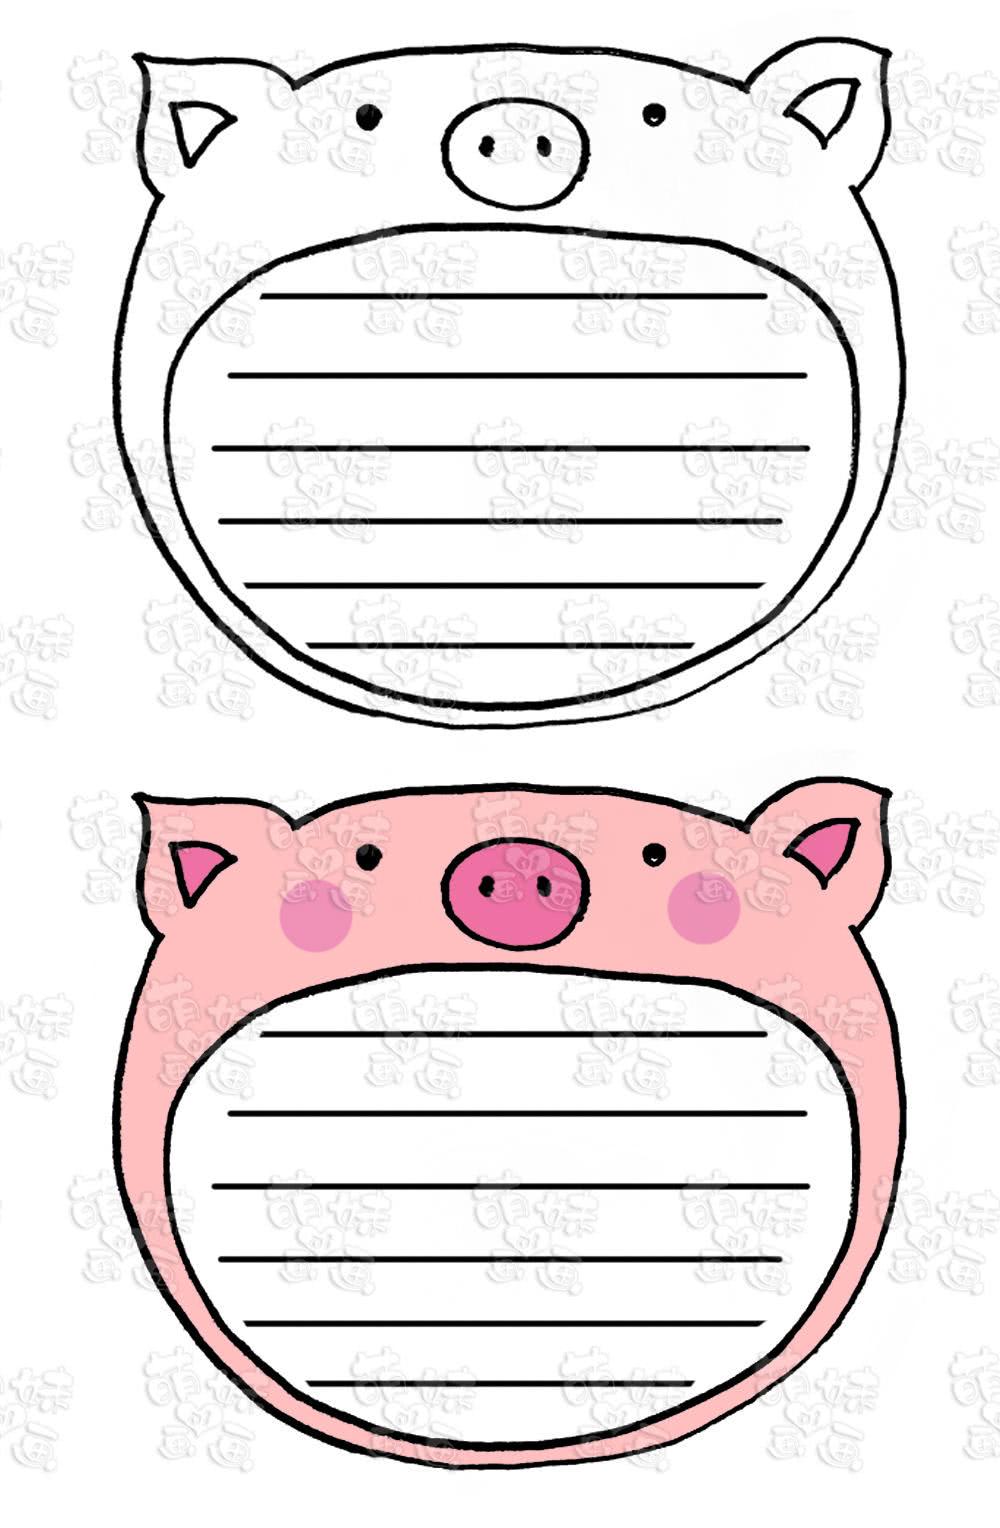 春节学做手抄报——寒假作业手抄报边框绘制技法模板